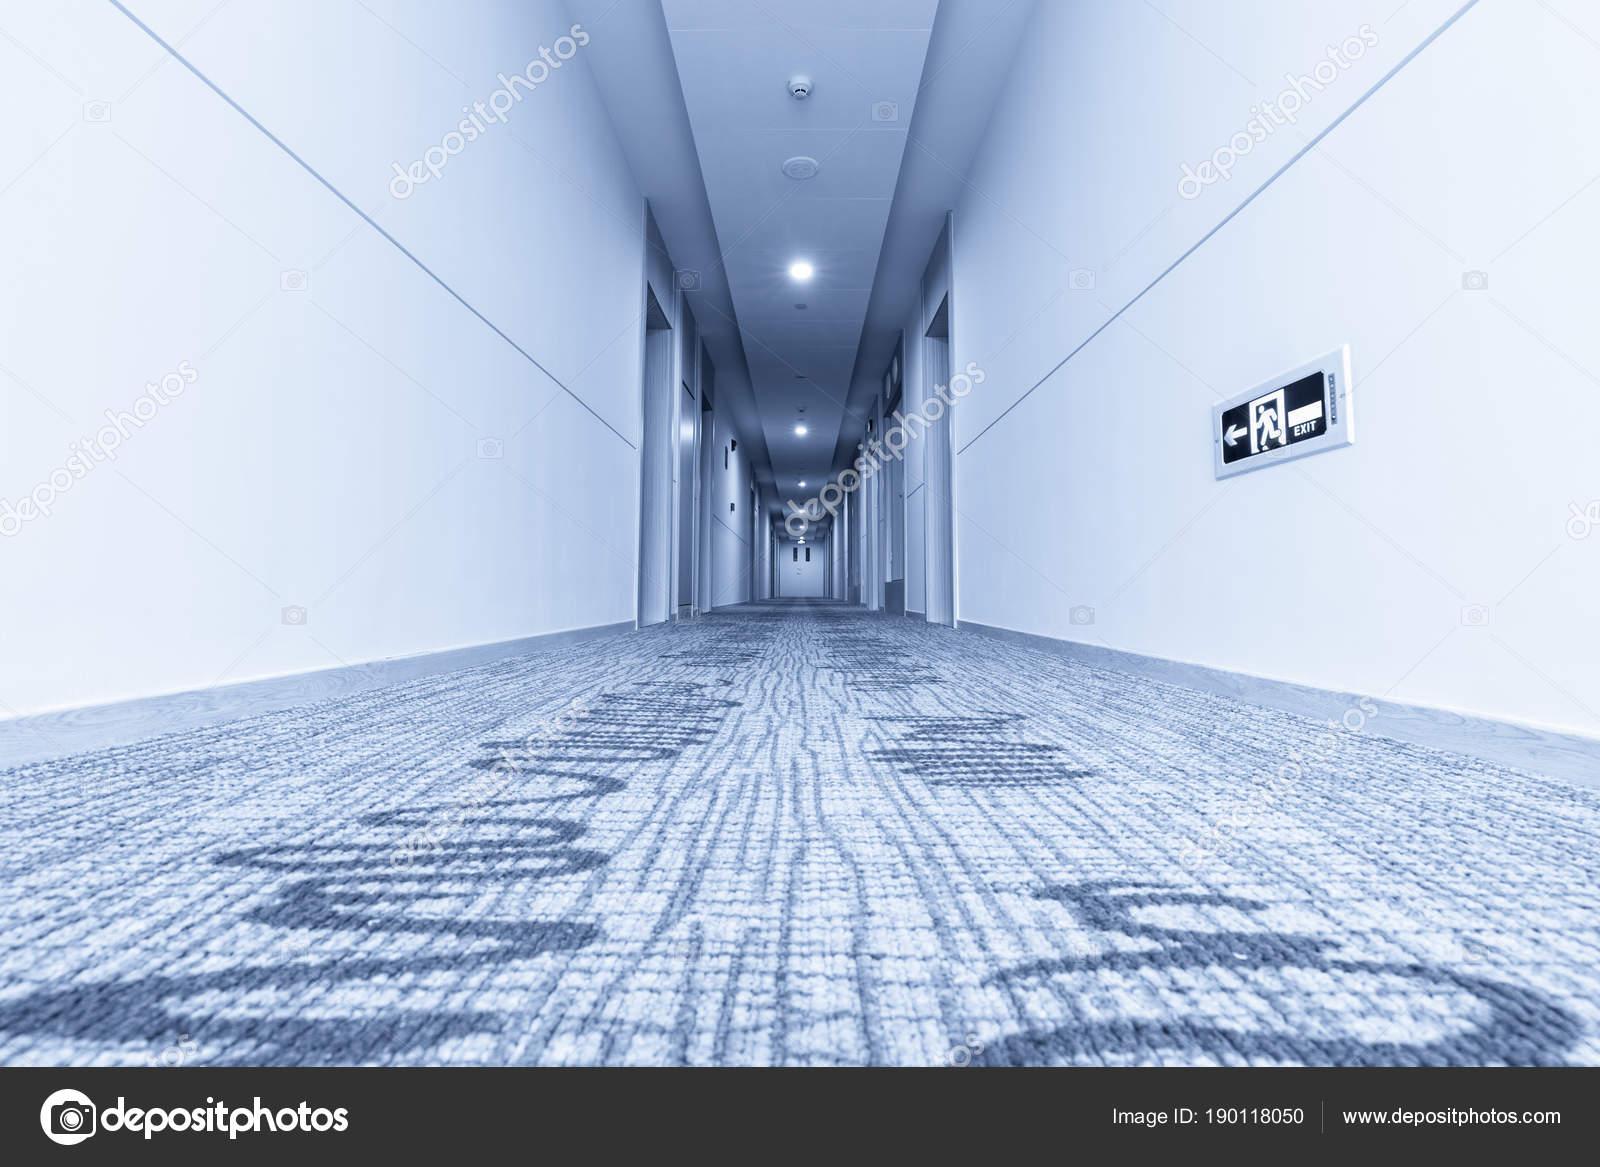 Faszinierend Teppich Für Flur Foto Von Im Hotel Und — Stockfoto